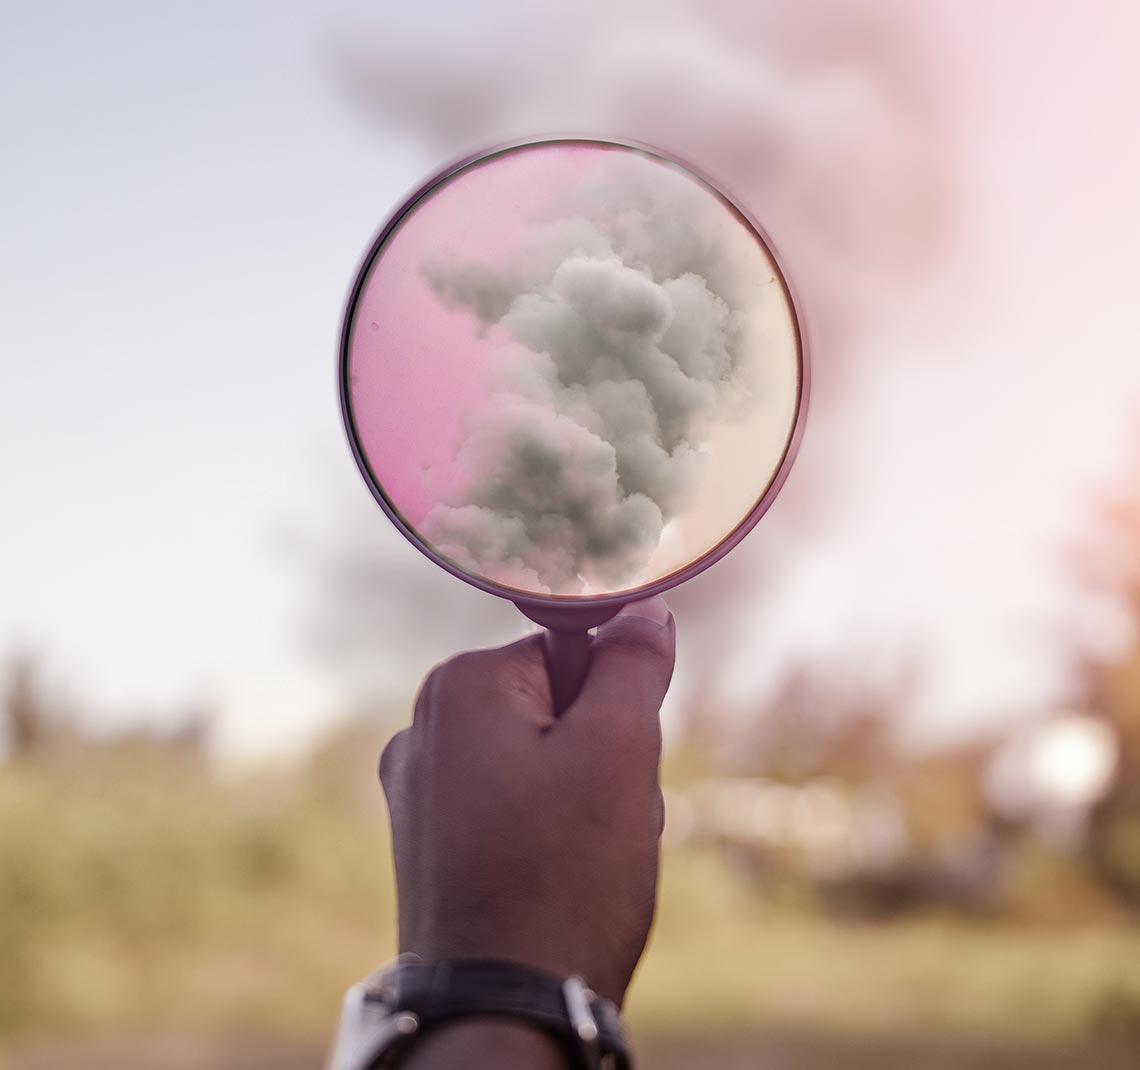 Risikofaktoren von Allergien Umweltgifte Tipps - Naturheilkunde